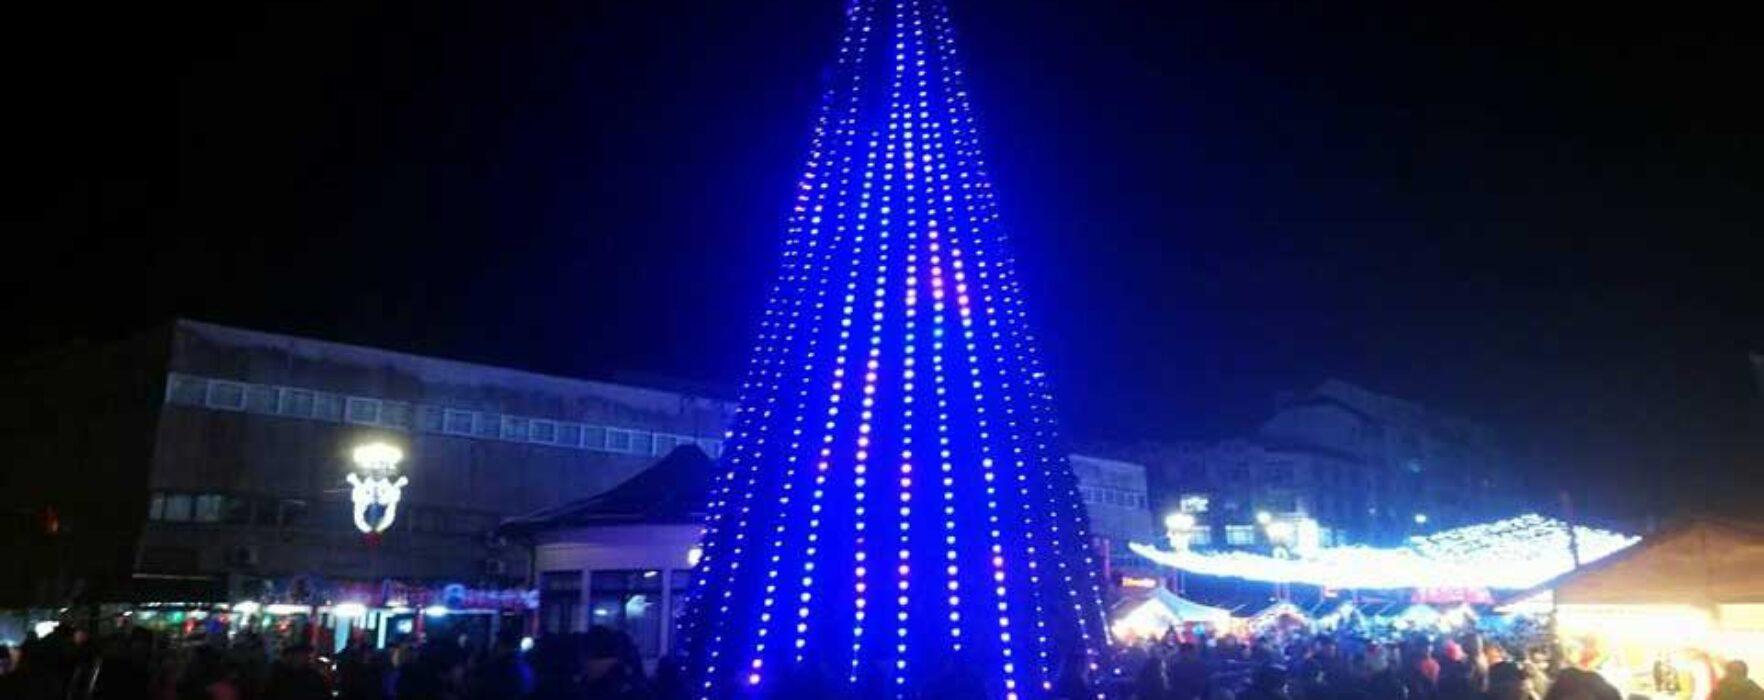 Târgovişte: Şi în acest an iluminatul festiv va fi aprins pe 1 decembrie